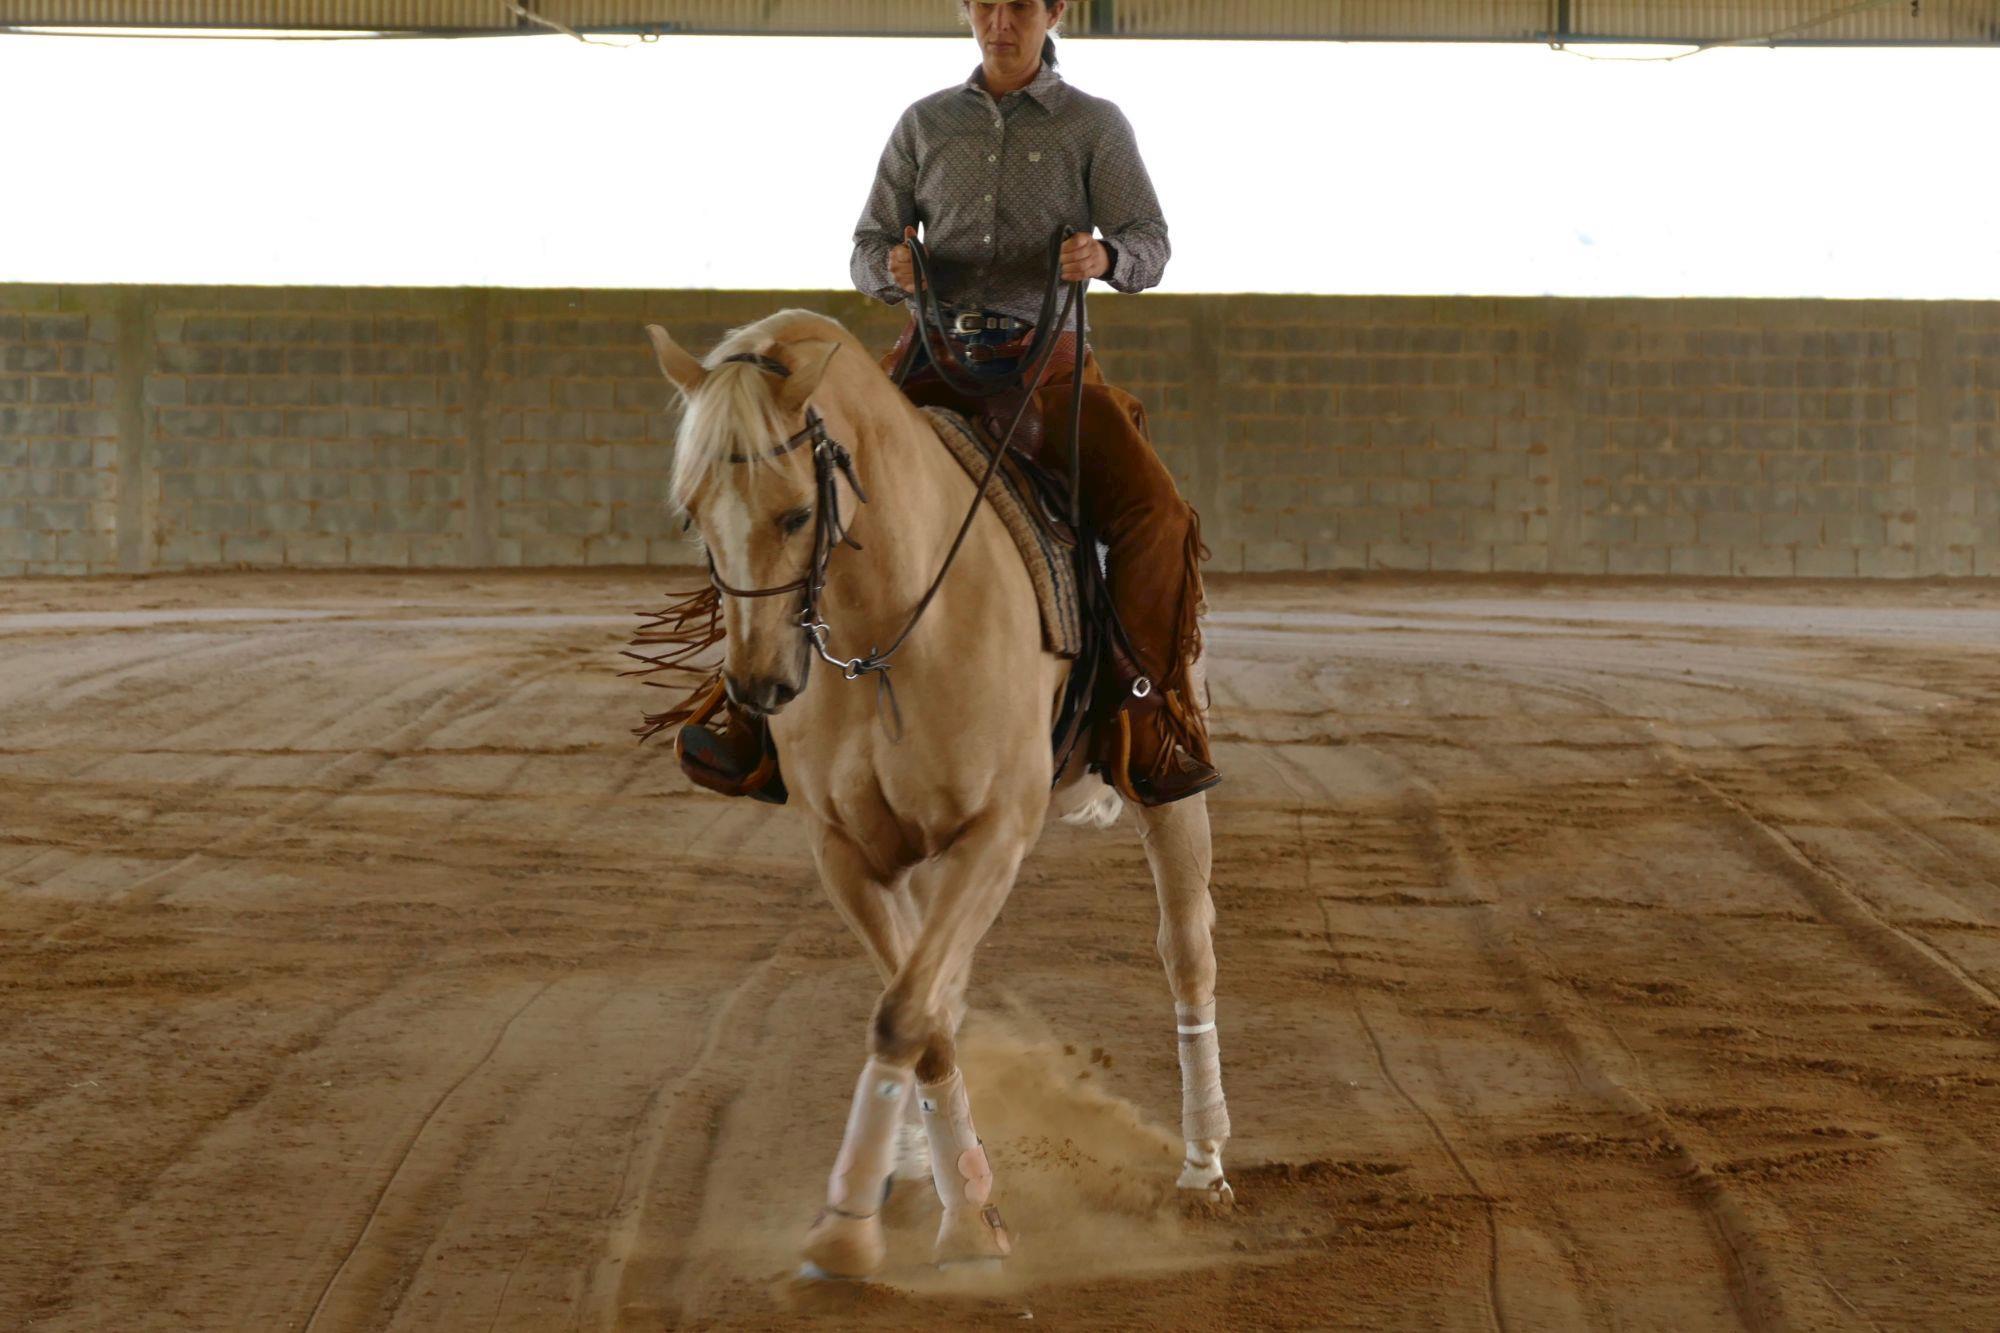 FOTO 1 - Apoio, Apoio cavalos,  treinamento,  cavalos,  Revista Horse, Eduardo Borba, Exercícios da escola acadêmica - Parte 4